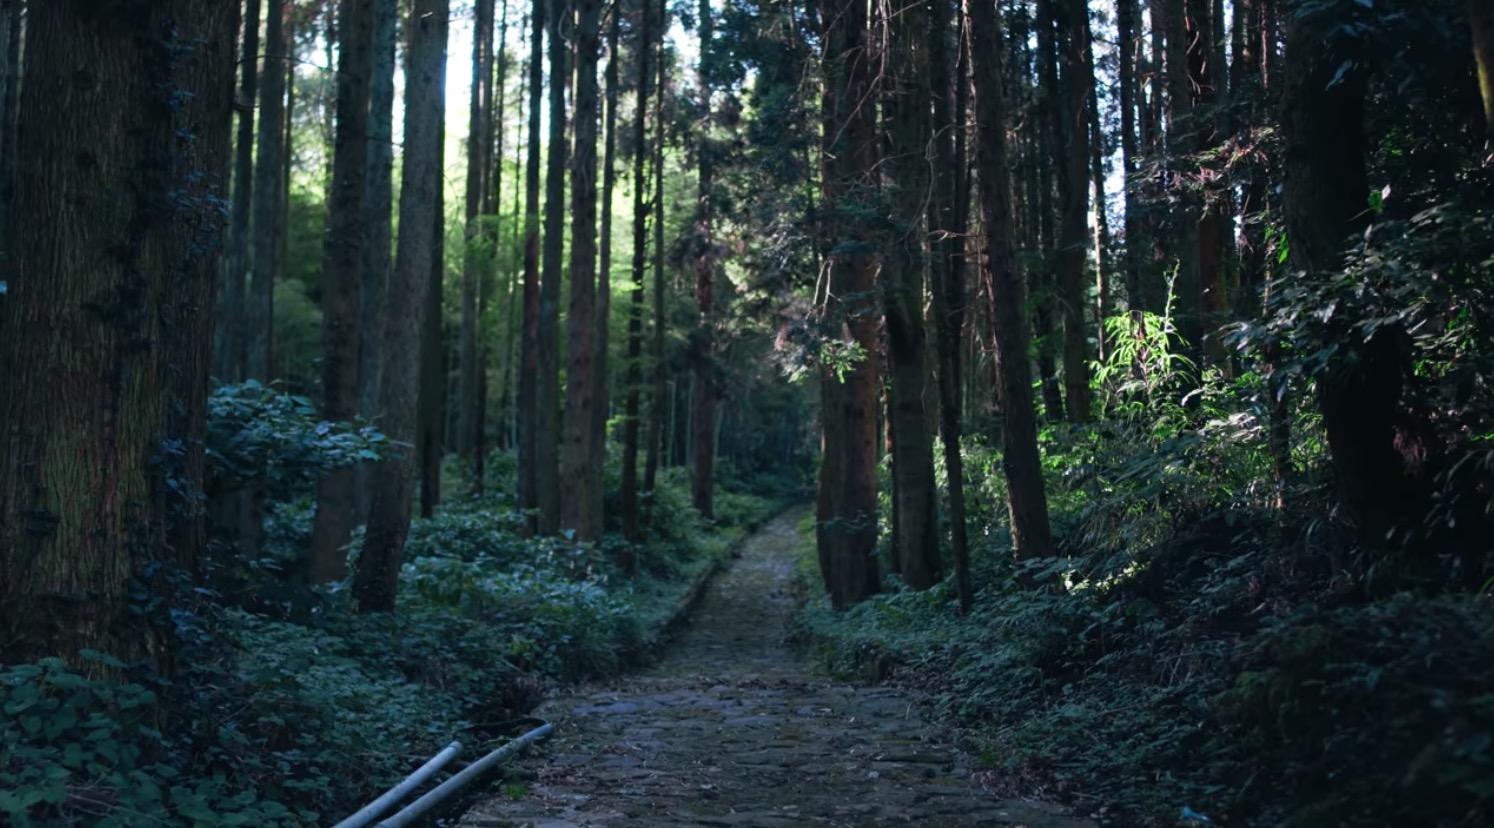 石畳の道について調べてみたよ。夏目漱石も歩いた道ば歩いてきなっせ